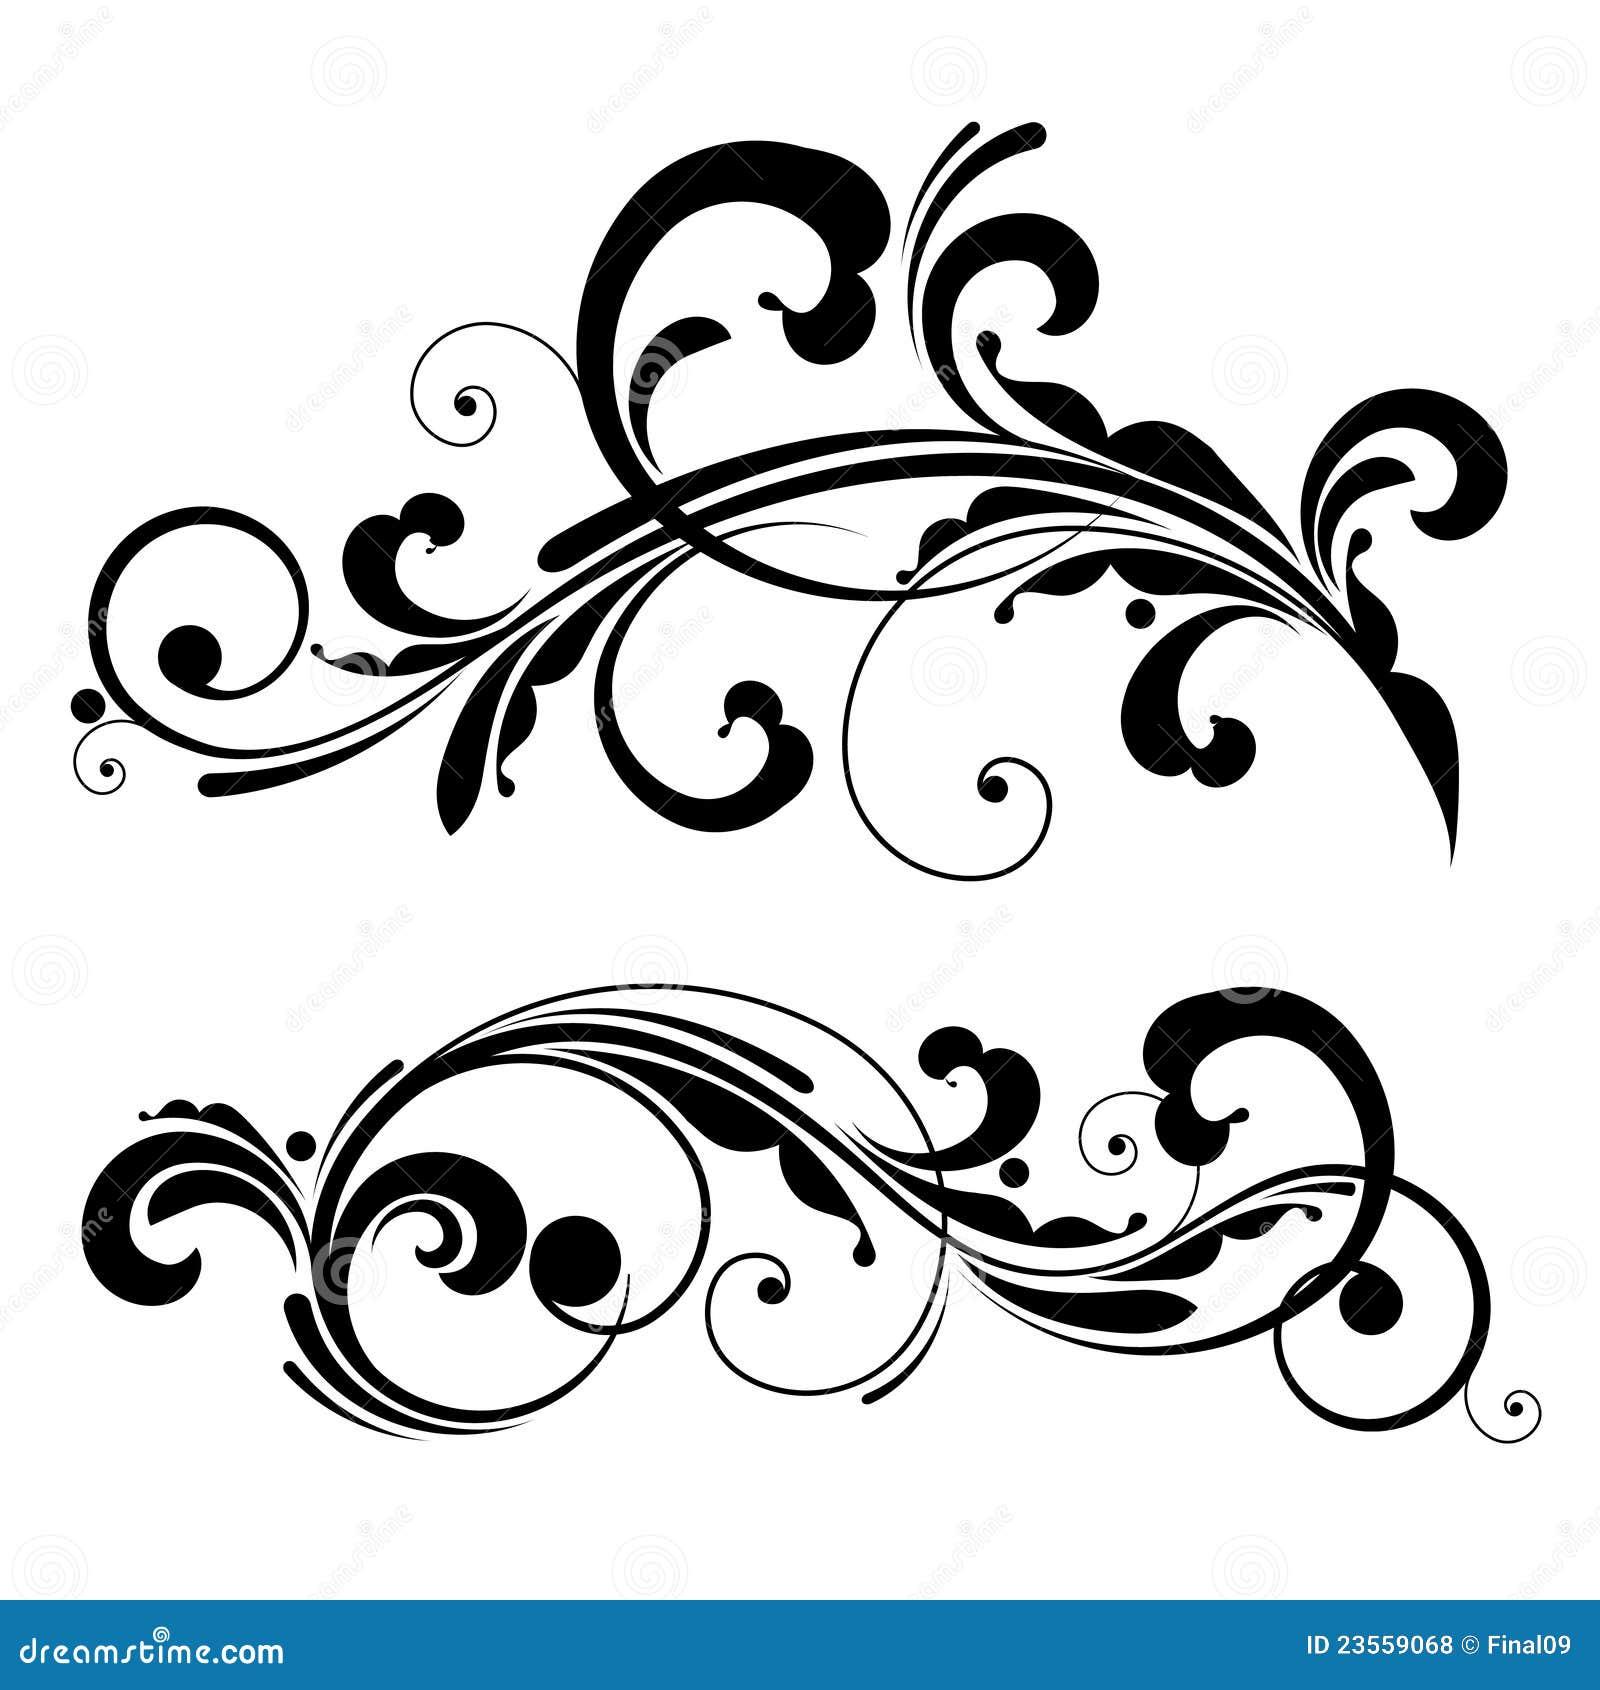 Line Art Design Free Download : Vector floral design element stock illustration